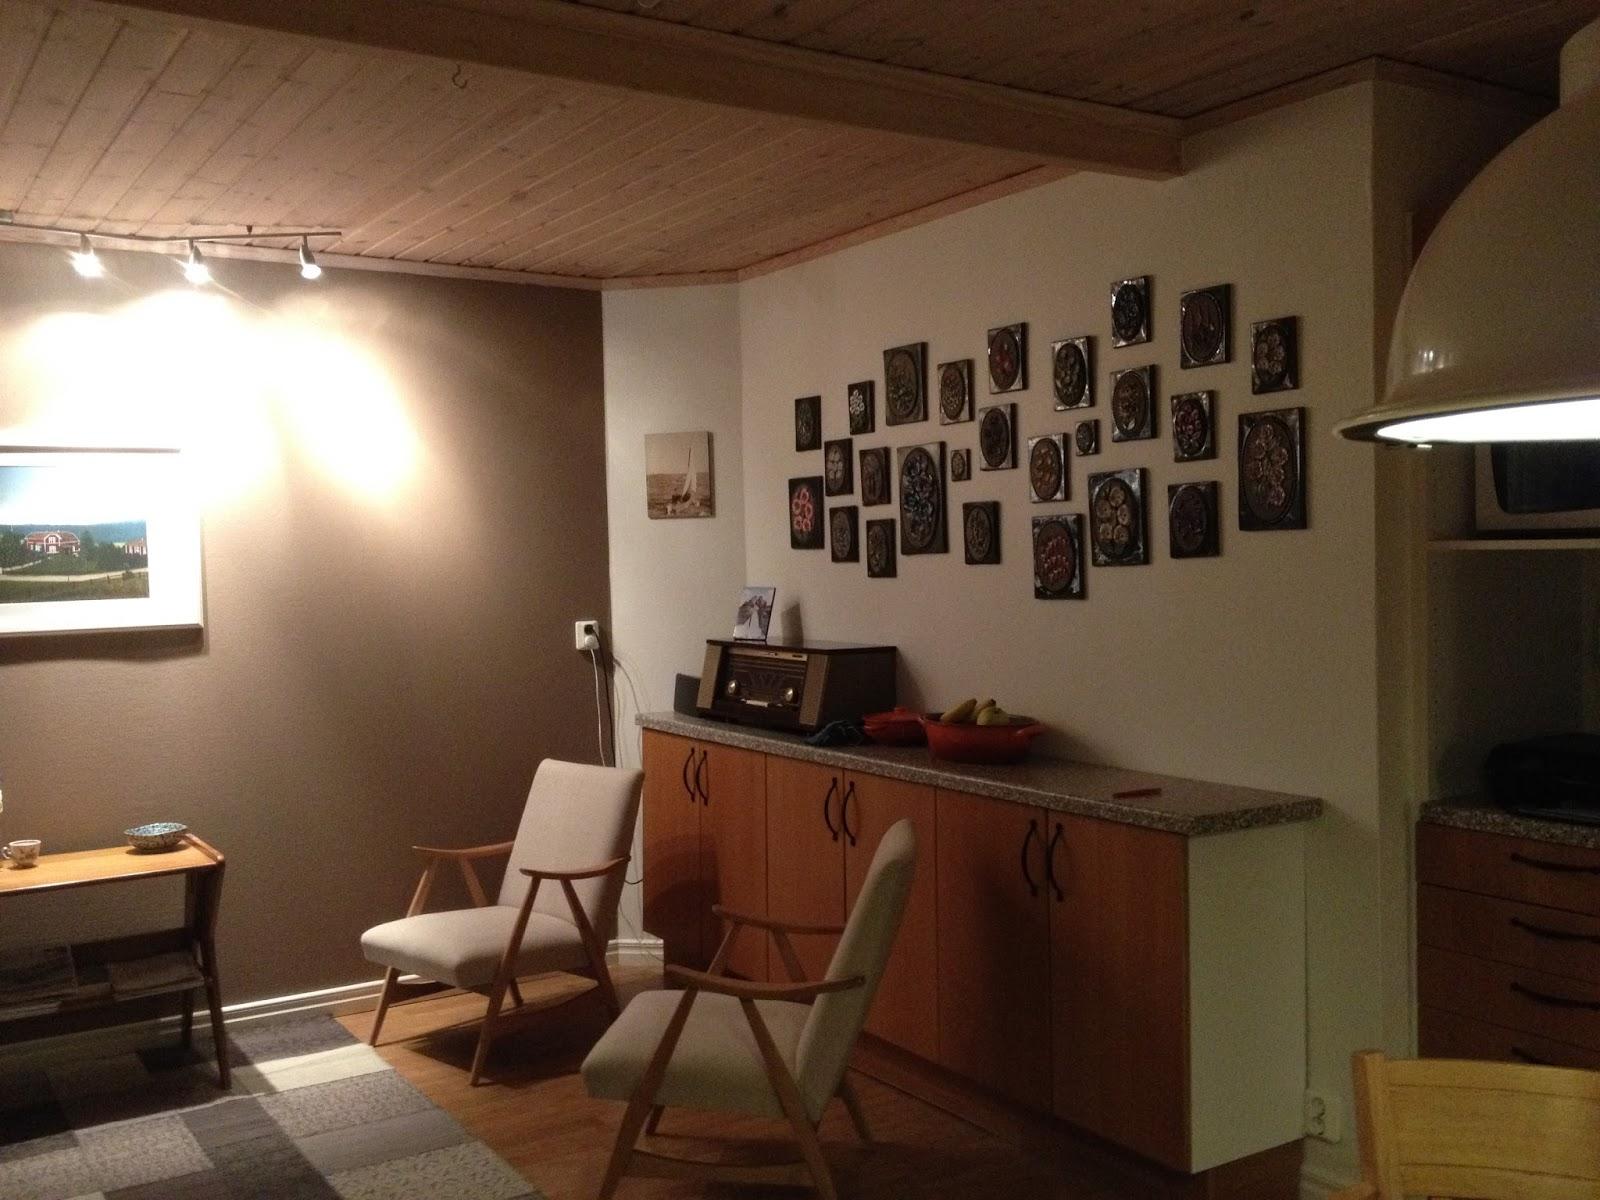 """Doktorsvillan """"solstrålen"""": 24 uur regen, een nieuwe keuken en een ..."""